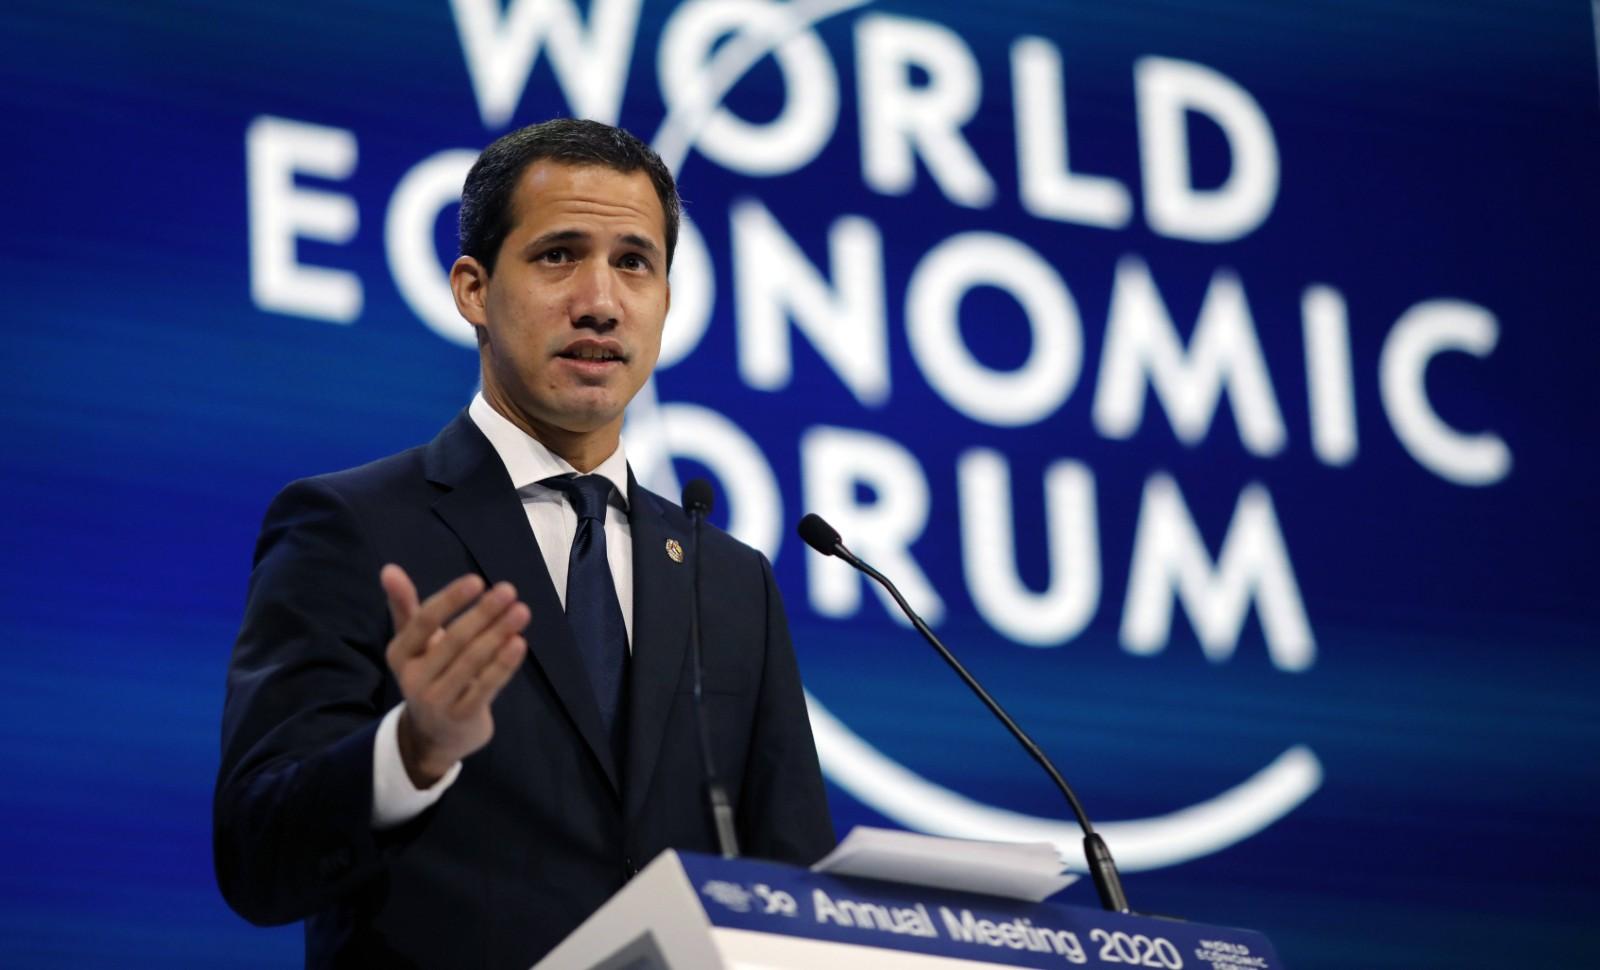 Venezuela : Emmanuel Macron a reçu l'opposant Juan Guaido à l'Elysée